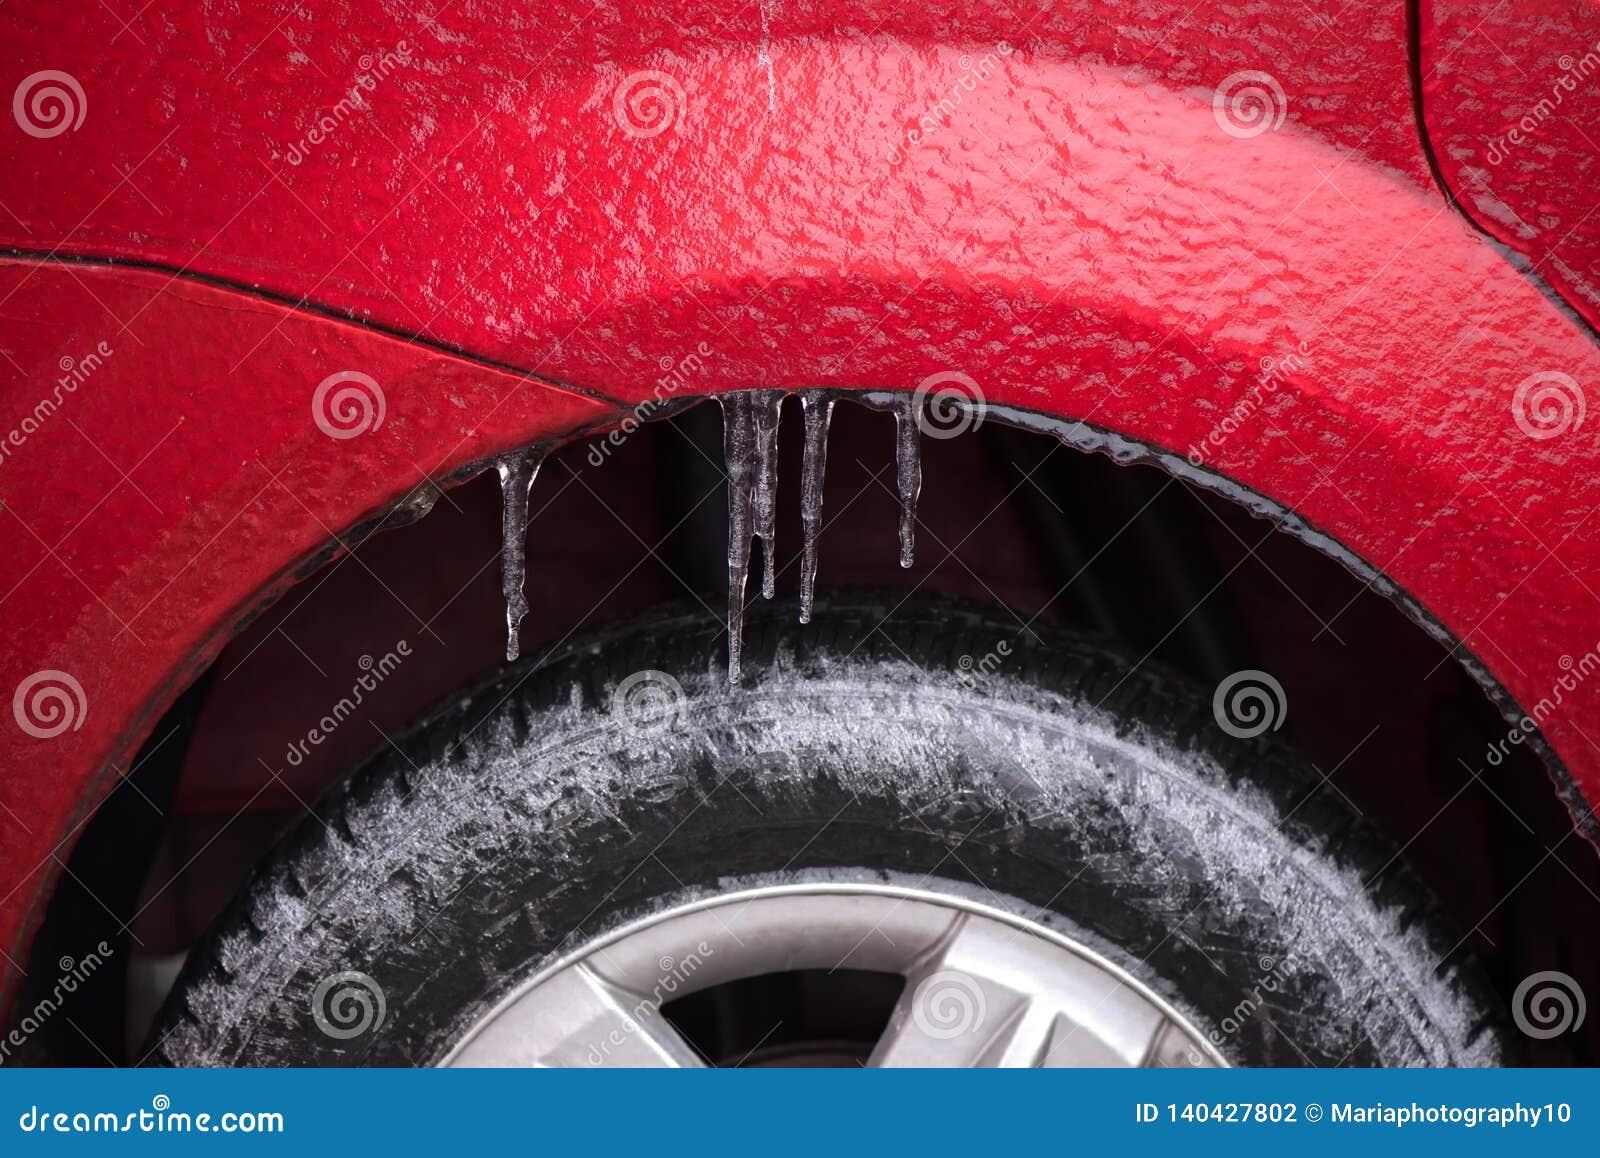 Detalle de la rueda de un coche congelado